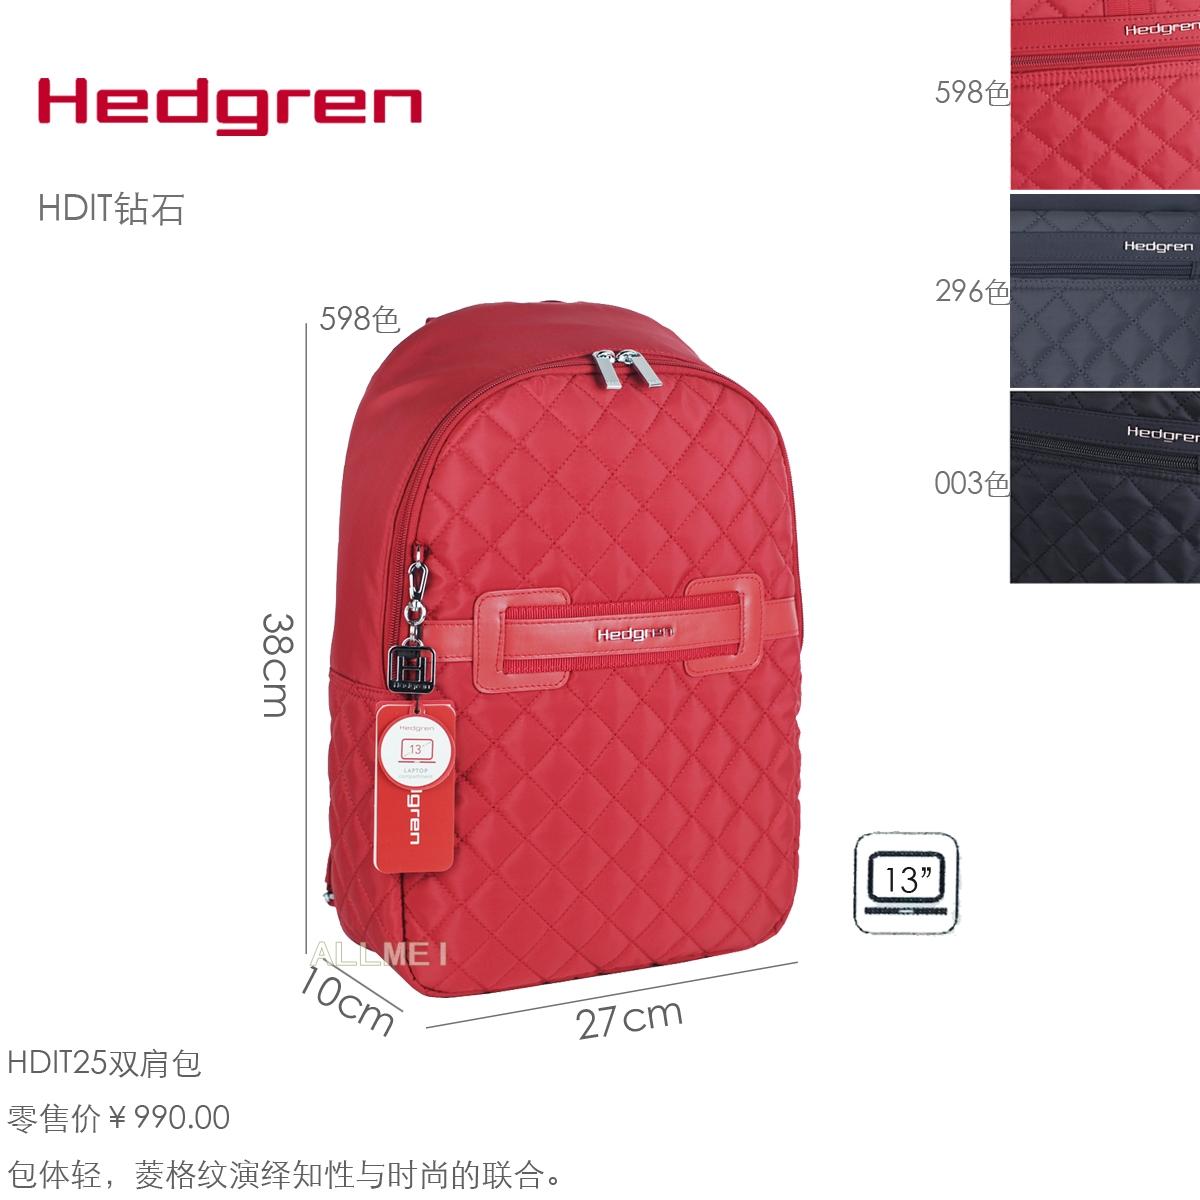 国内代购▲Hedgren海格林HDIT25钻石纹时尚背包双肩包专柜正品